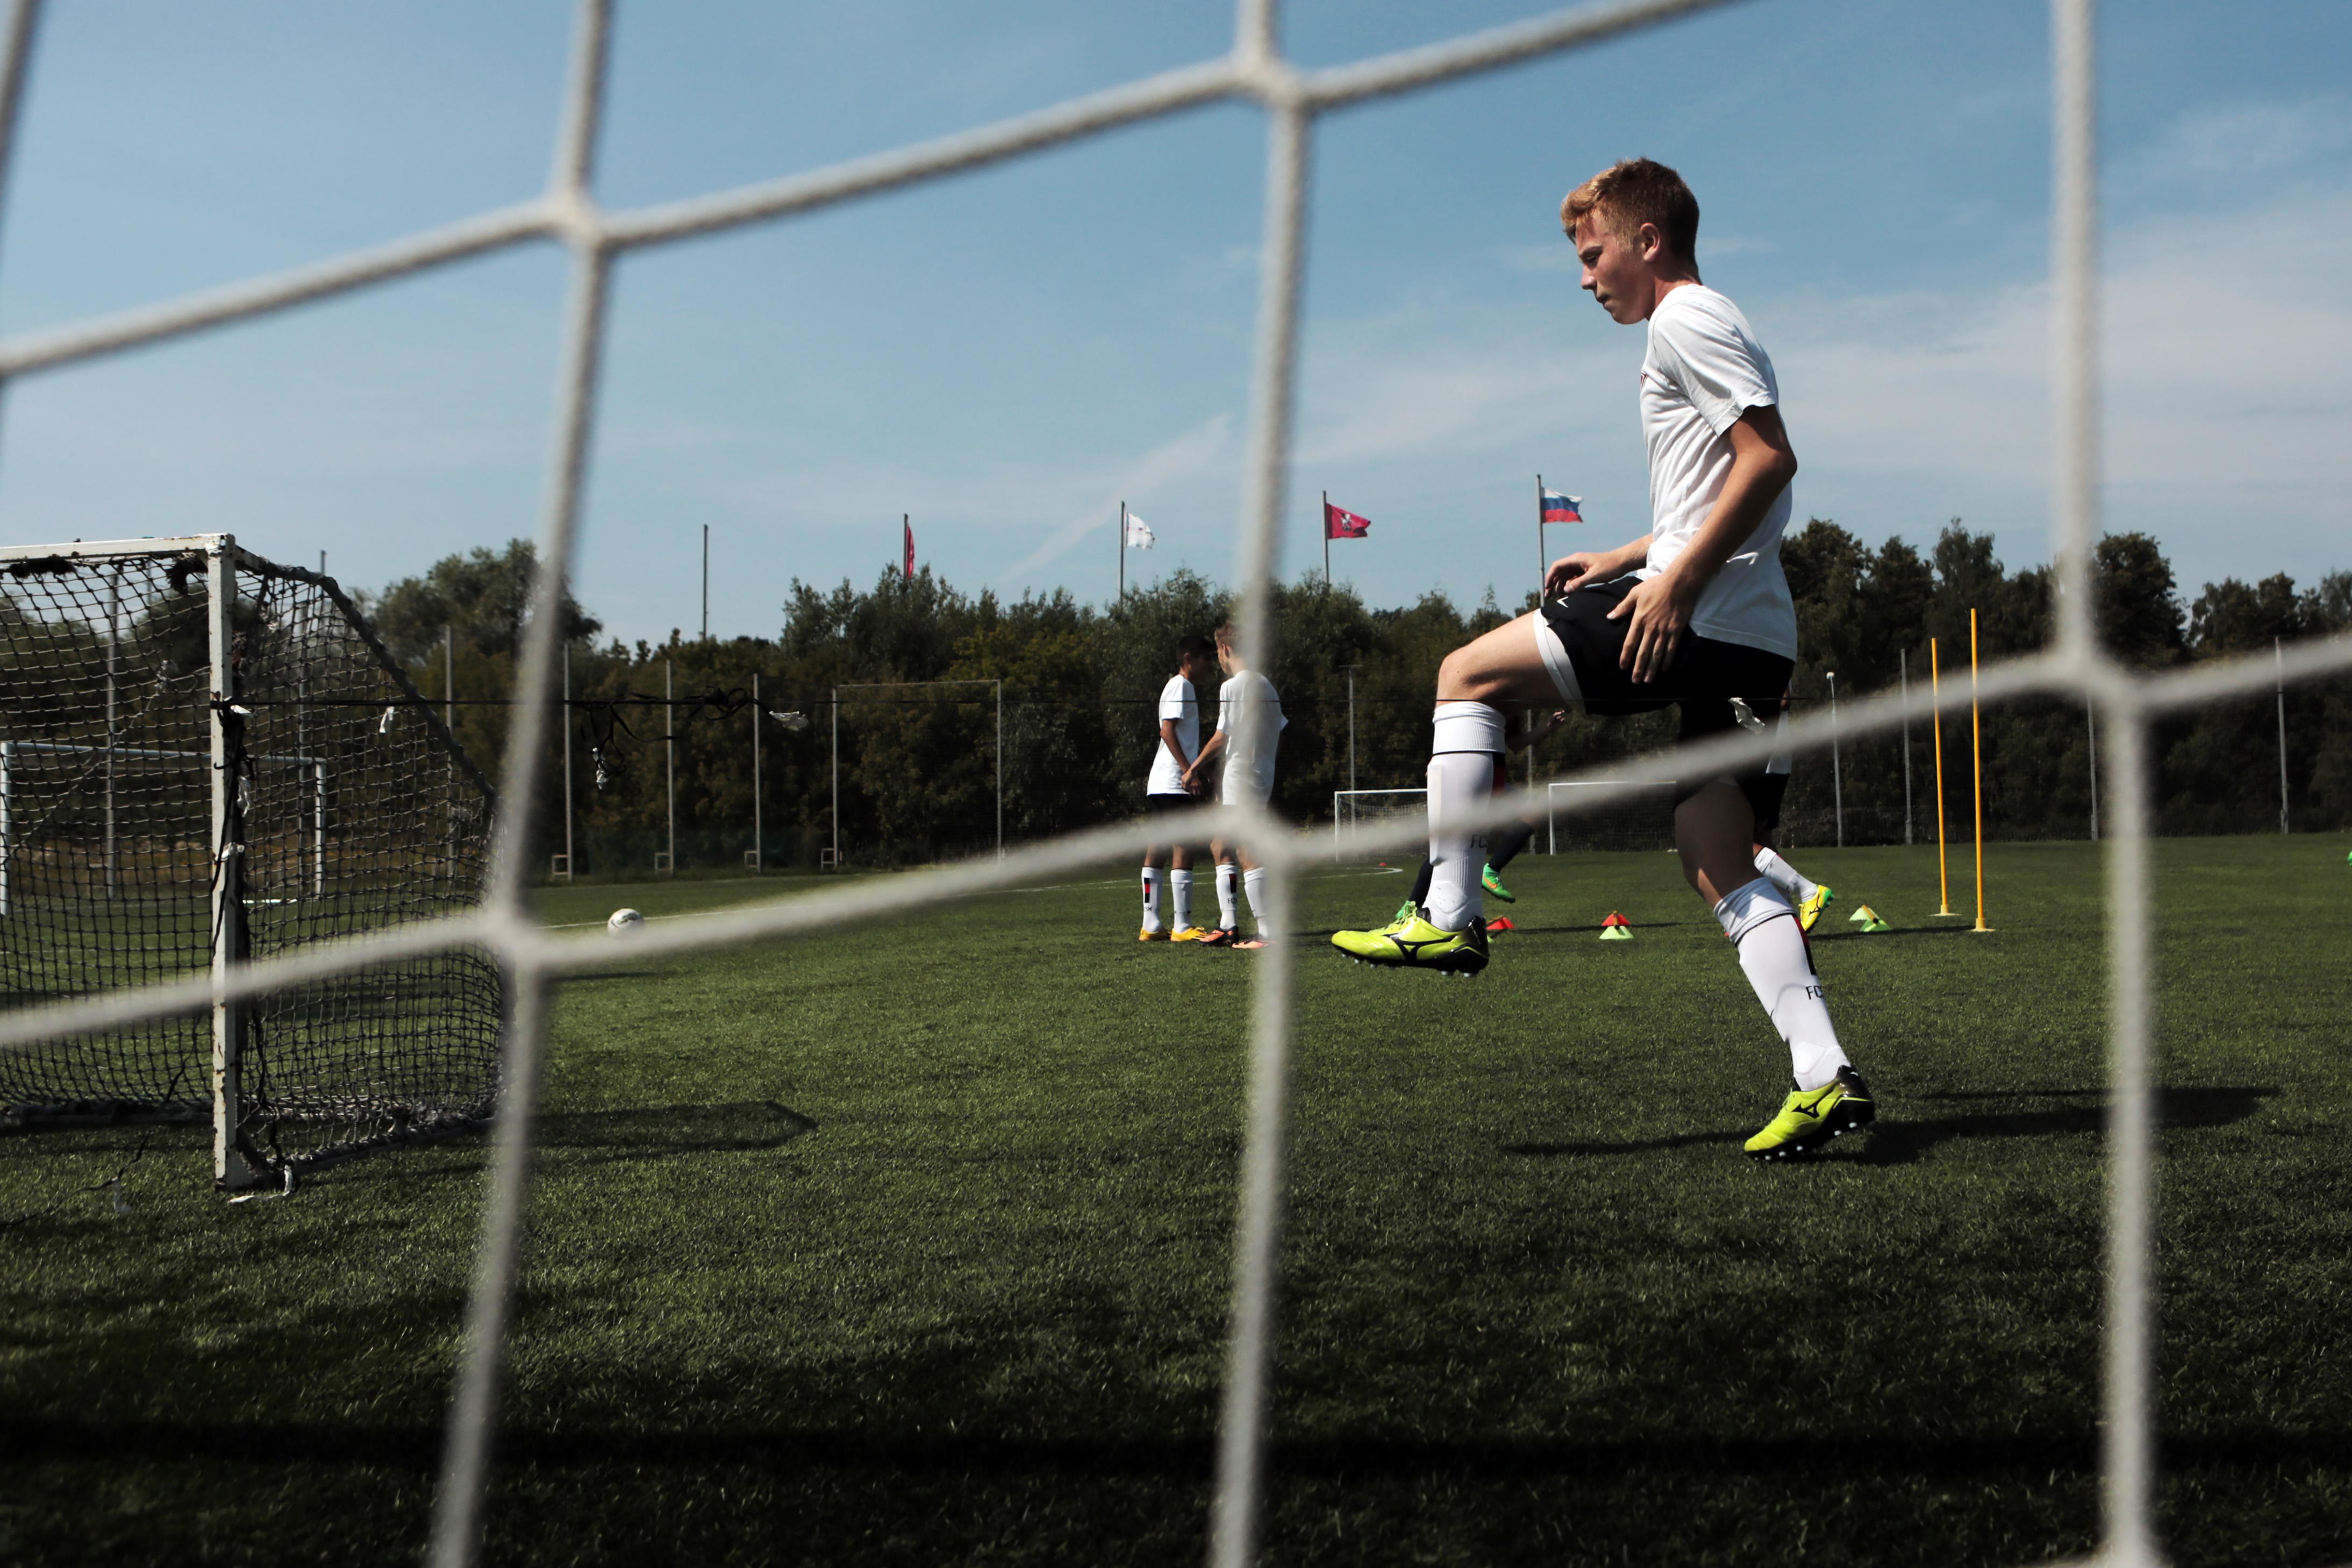 Новую серию отсняли для видеопроекта «Футбольный лифт» в Десеновском